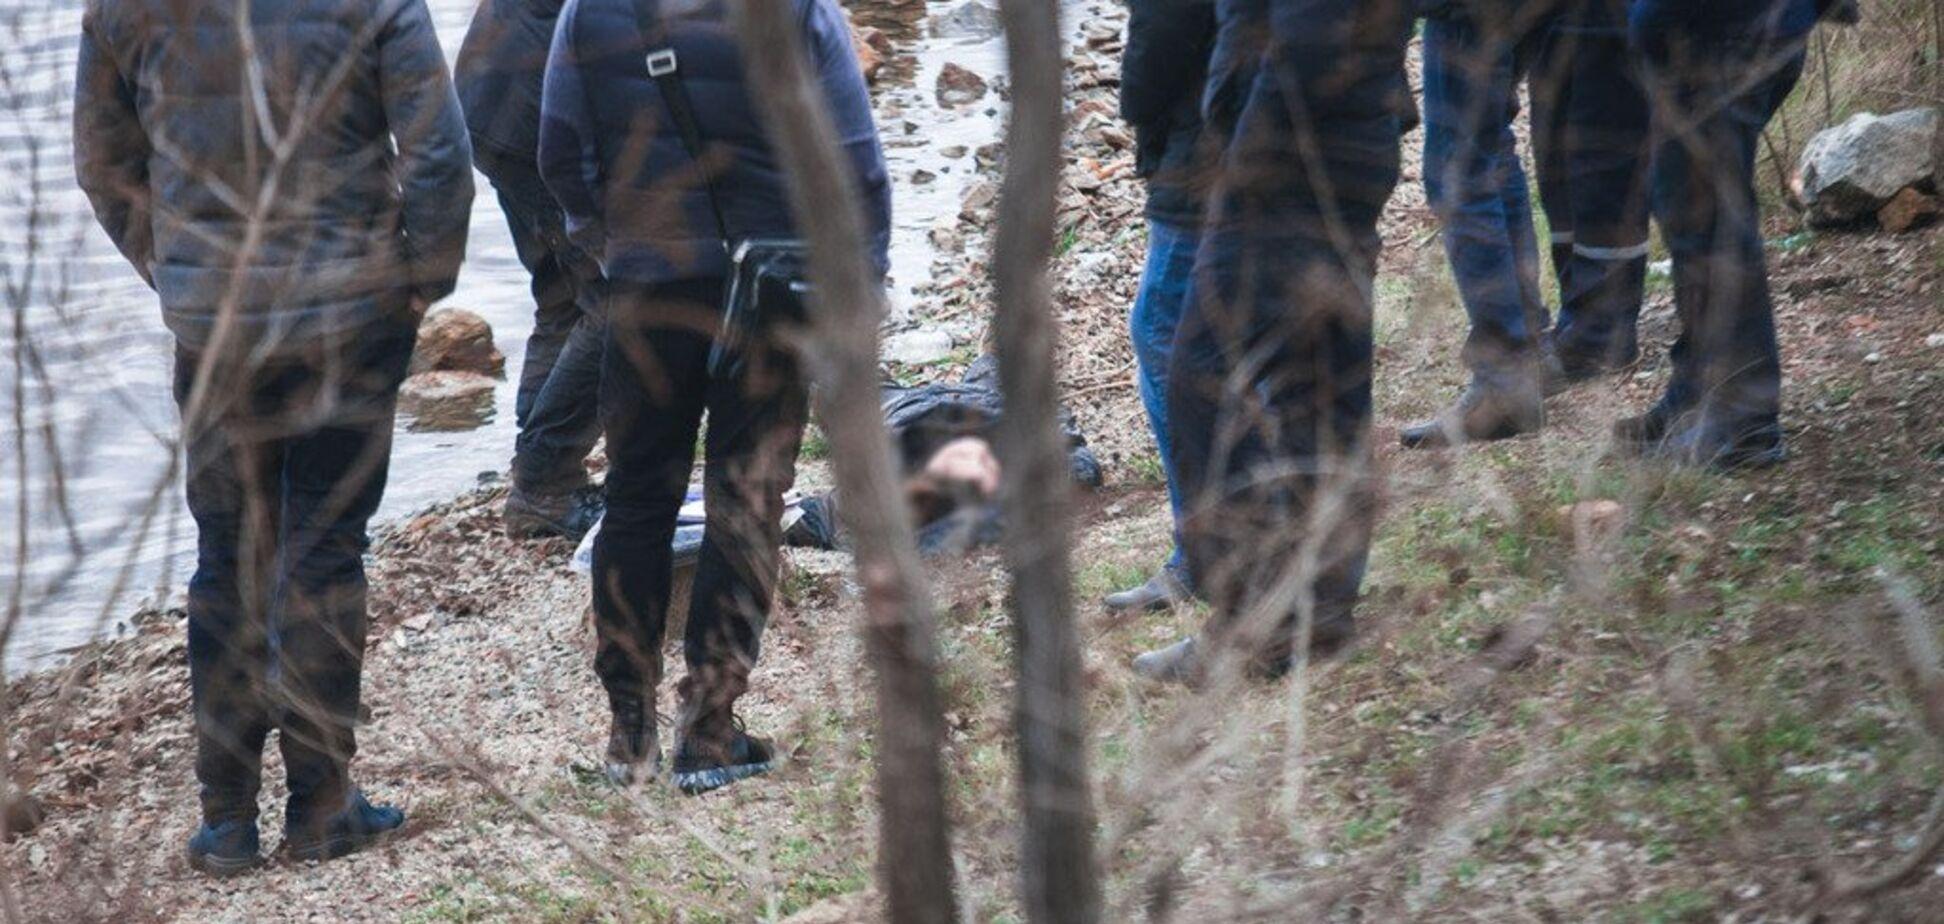 Вытащили рыбаки: в Днепре в реке нашли тело молодой девушки. Фото